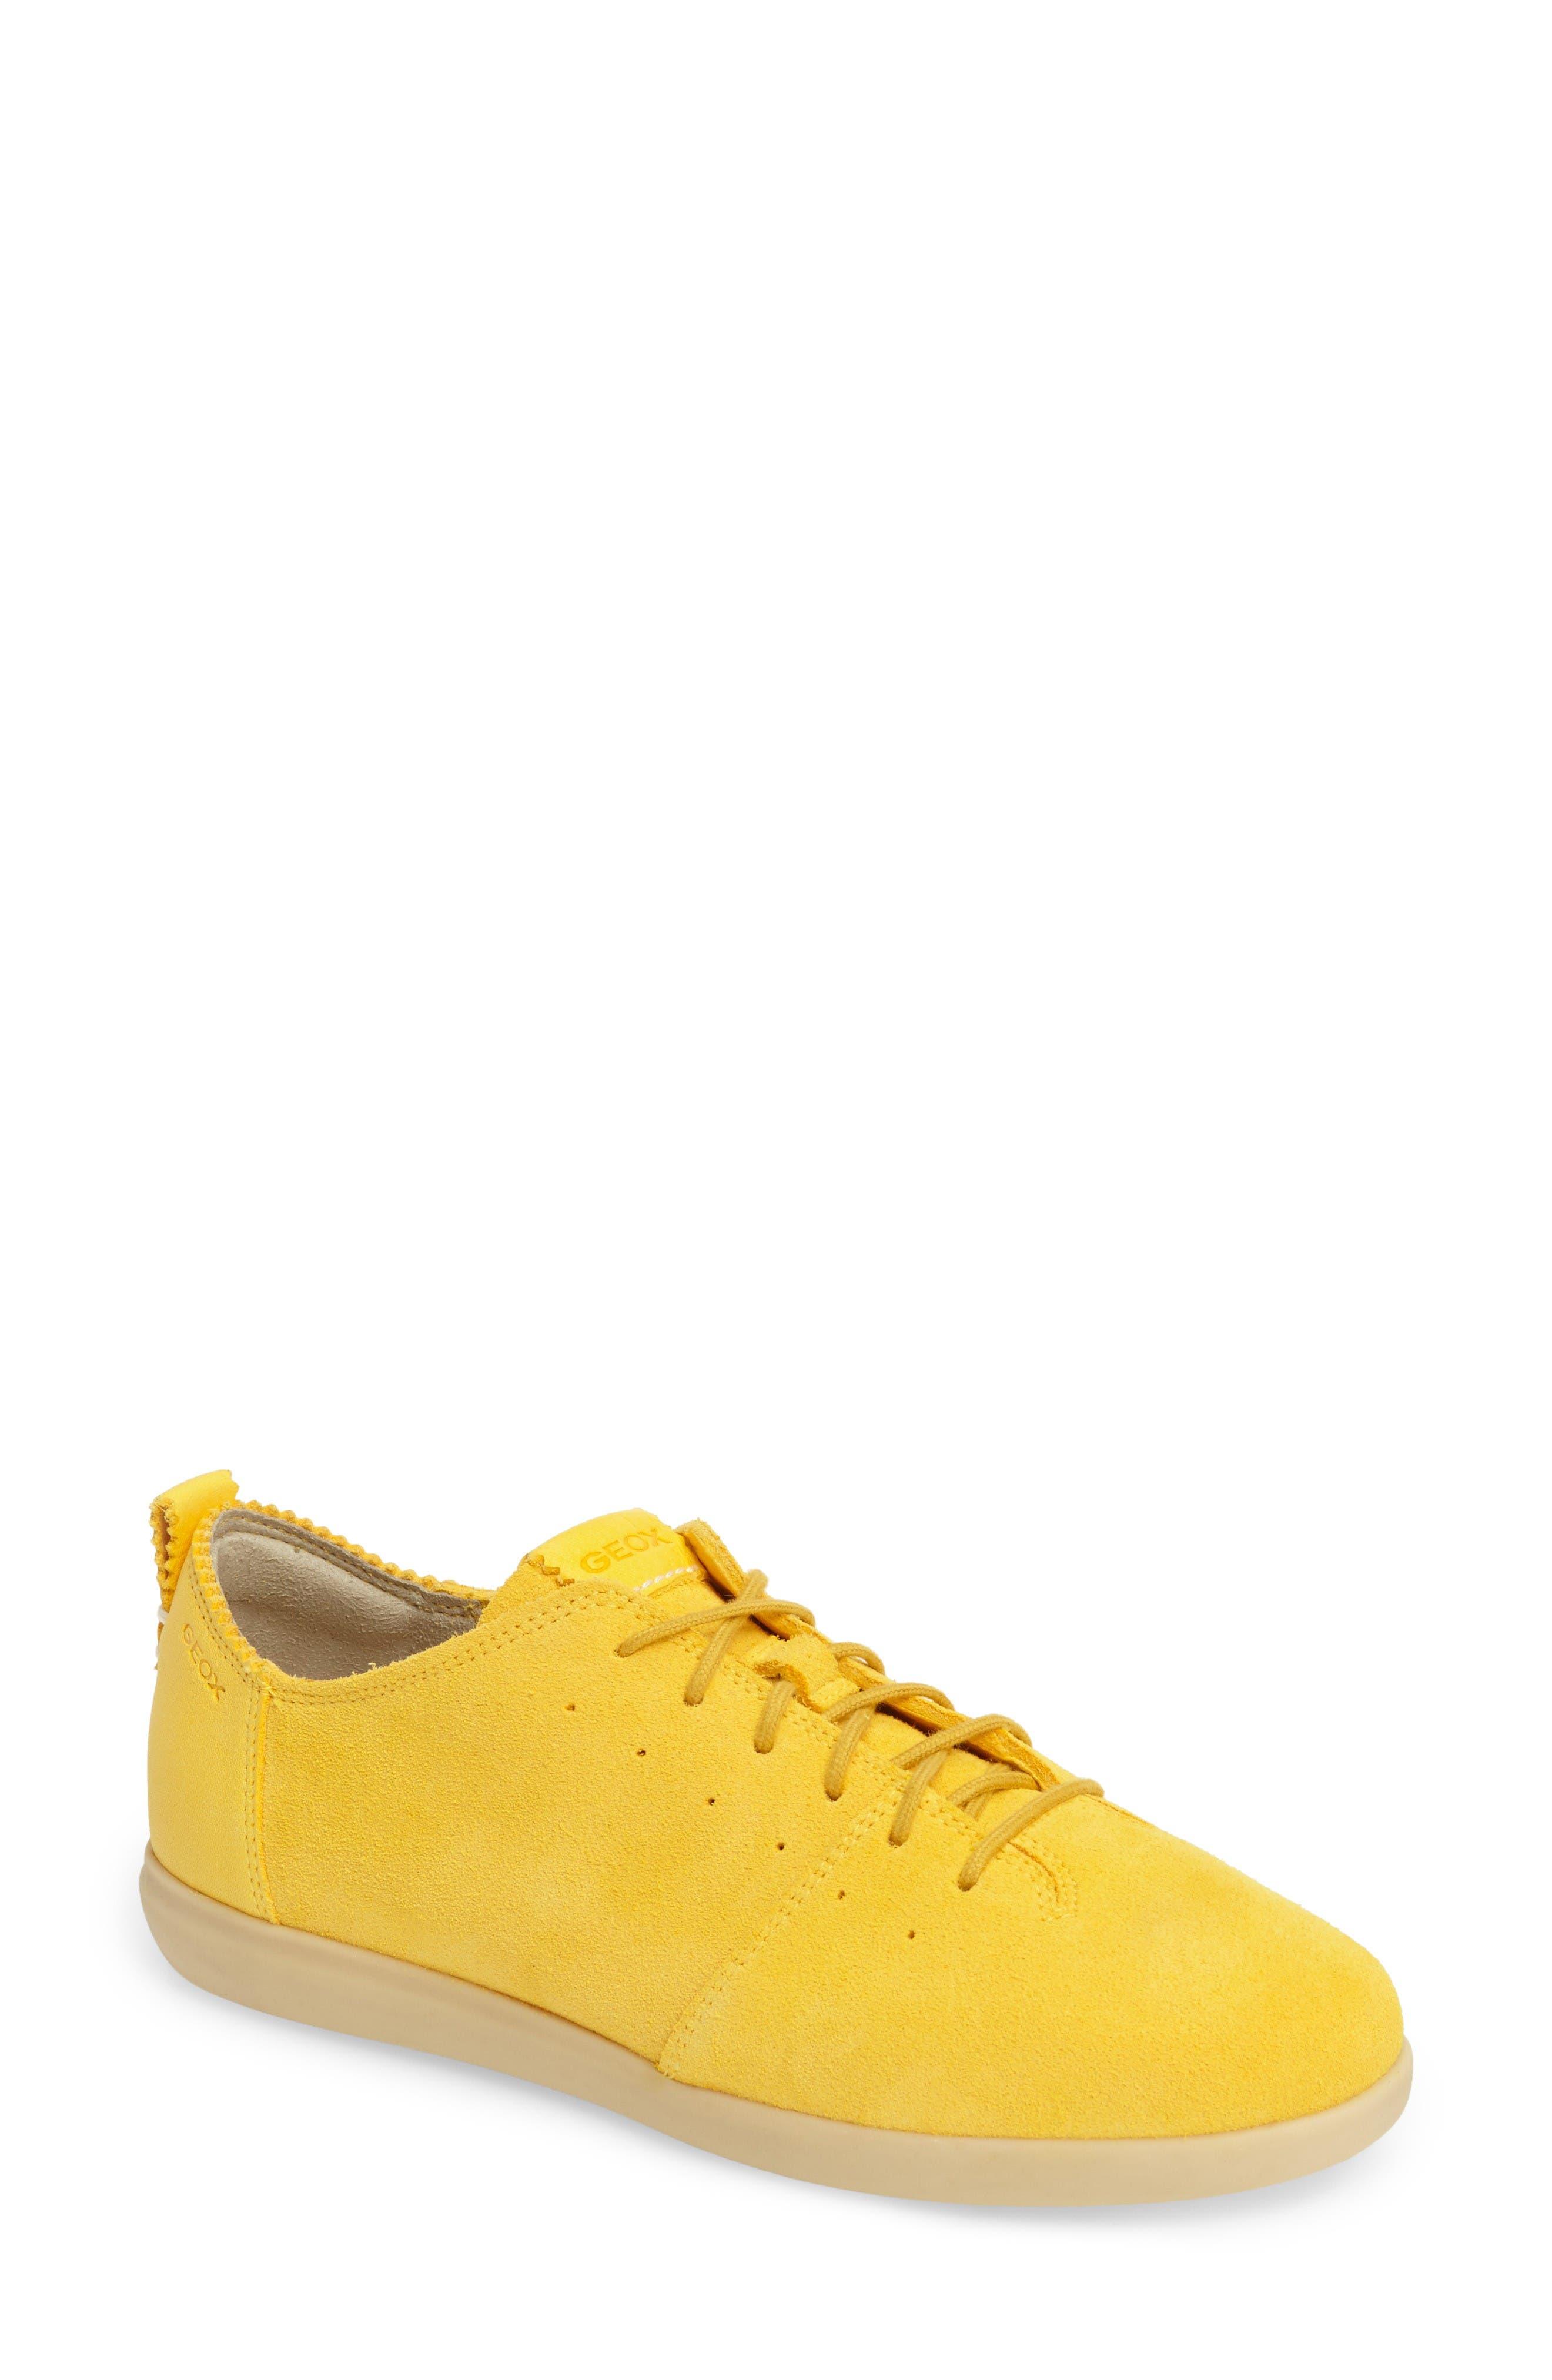 GEOX New Do Sneaker